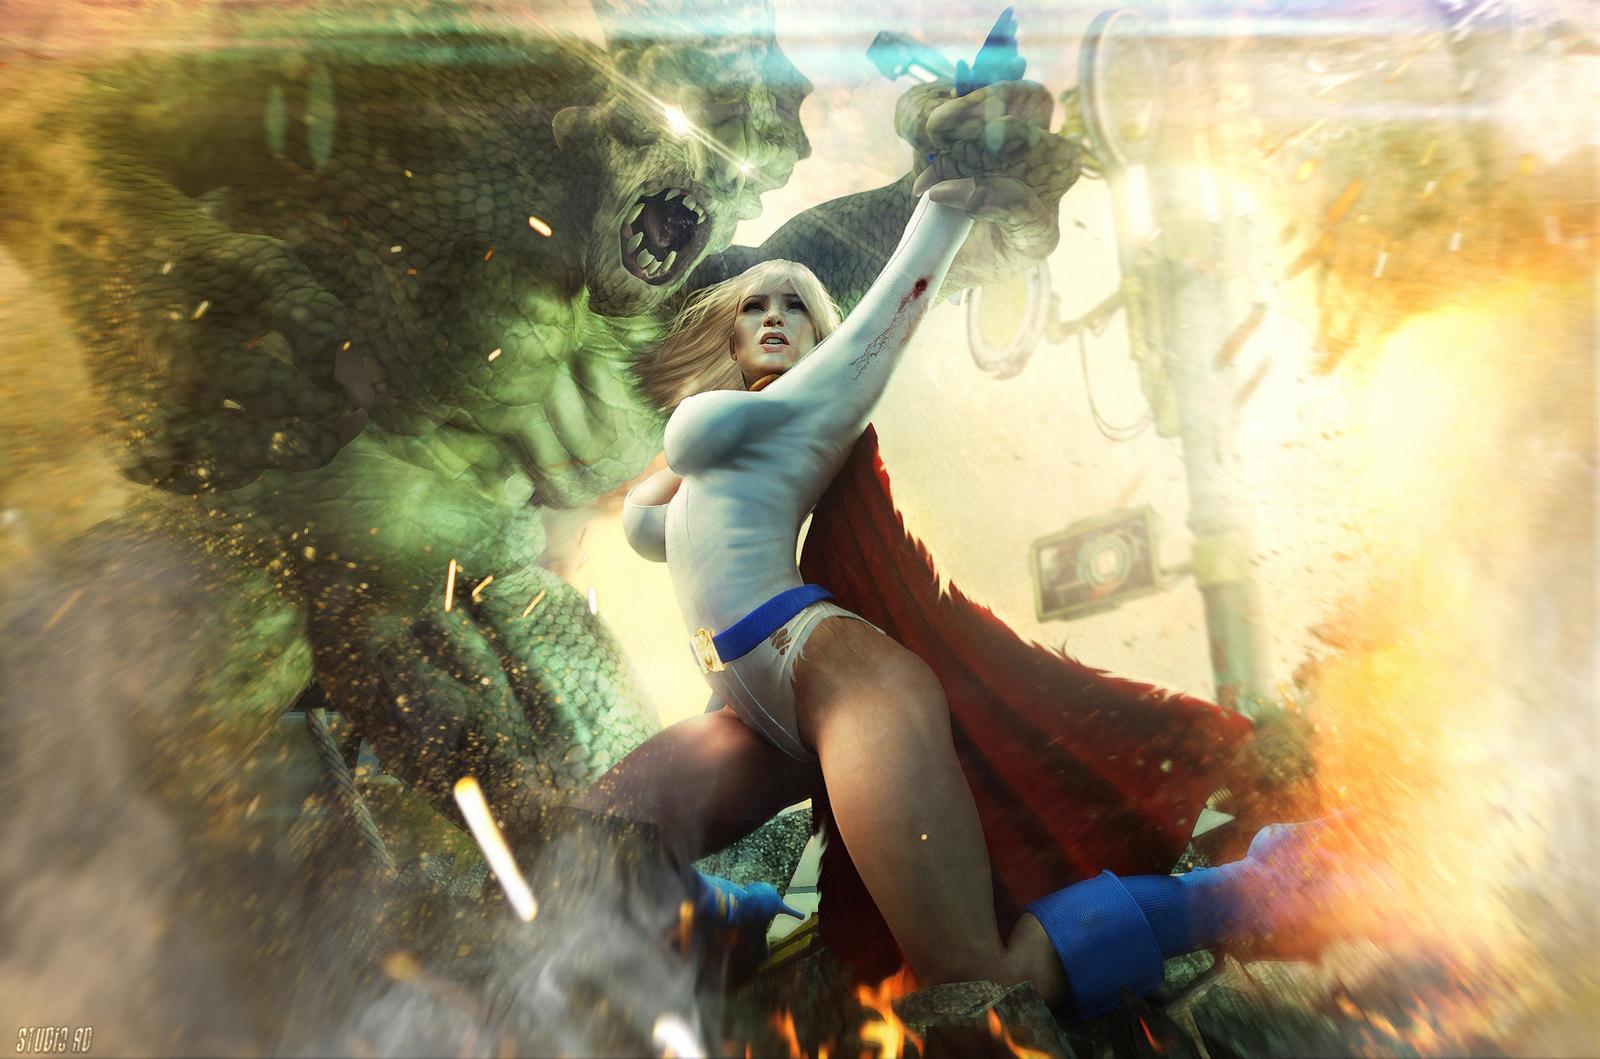 powergirl battle by artdude41